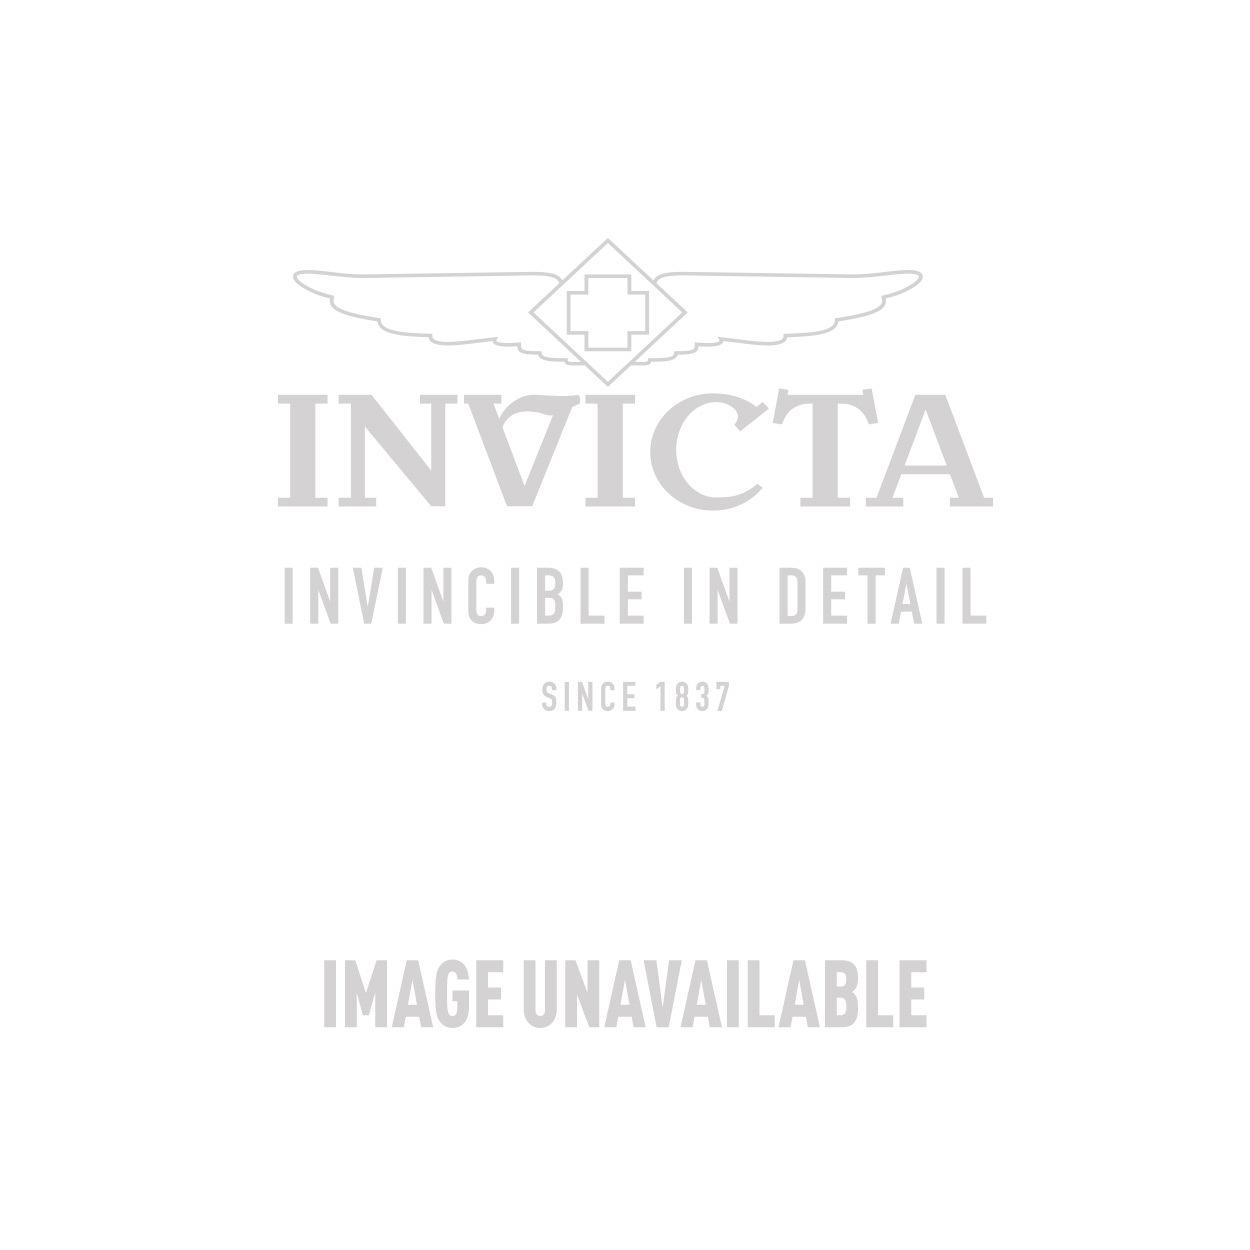 Invicta Model 24271